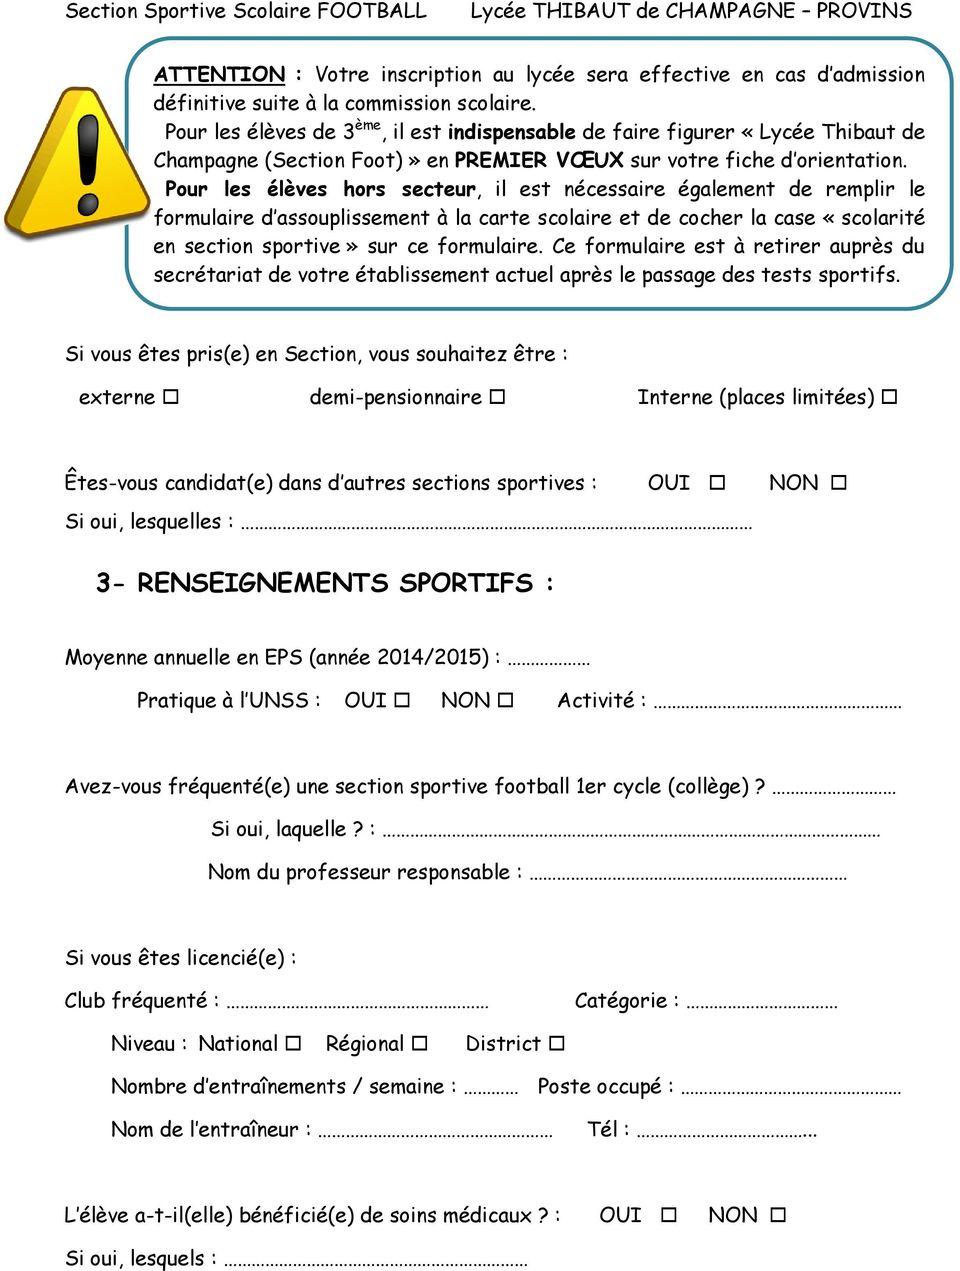 lettre de motivation section sportive coll u00e8ge